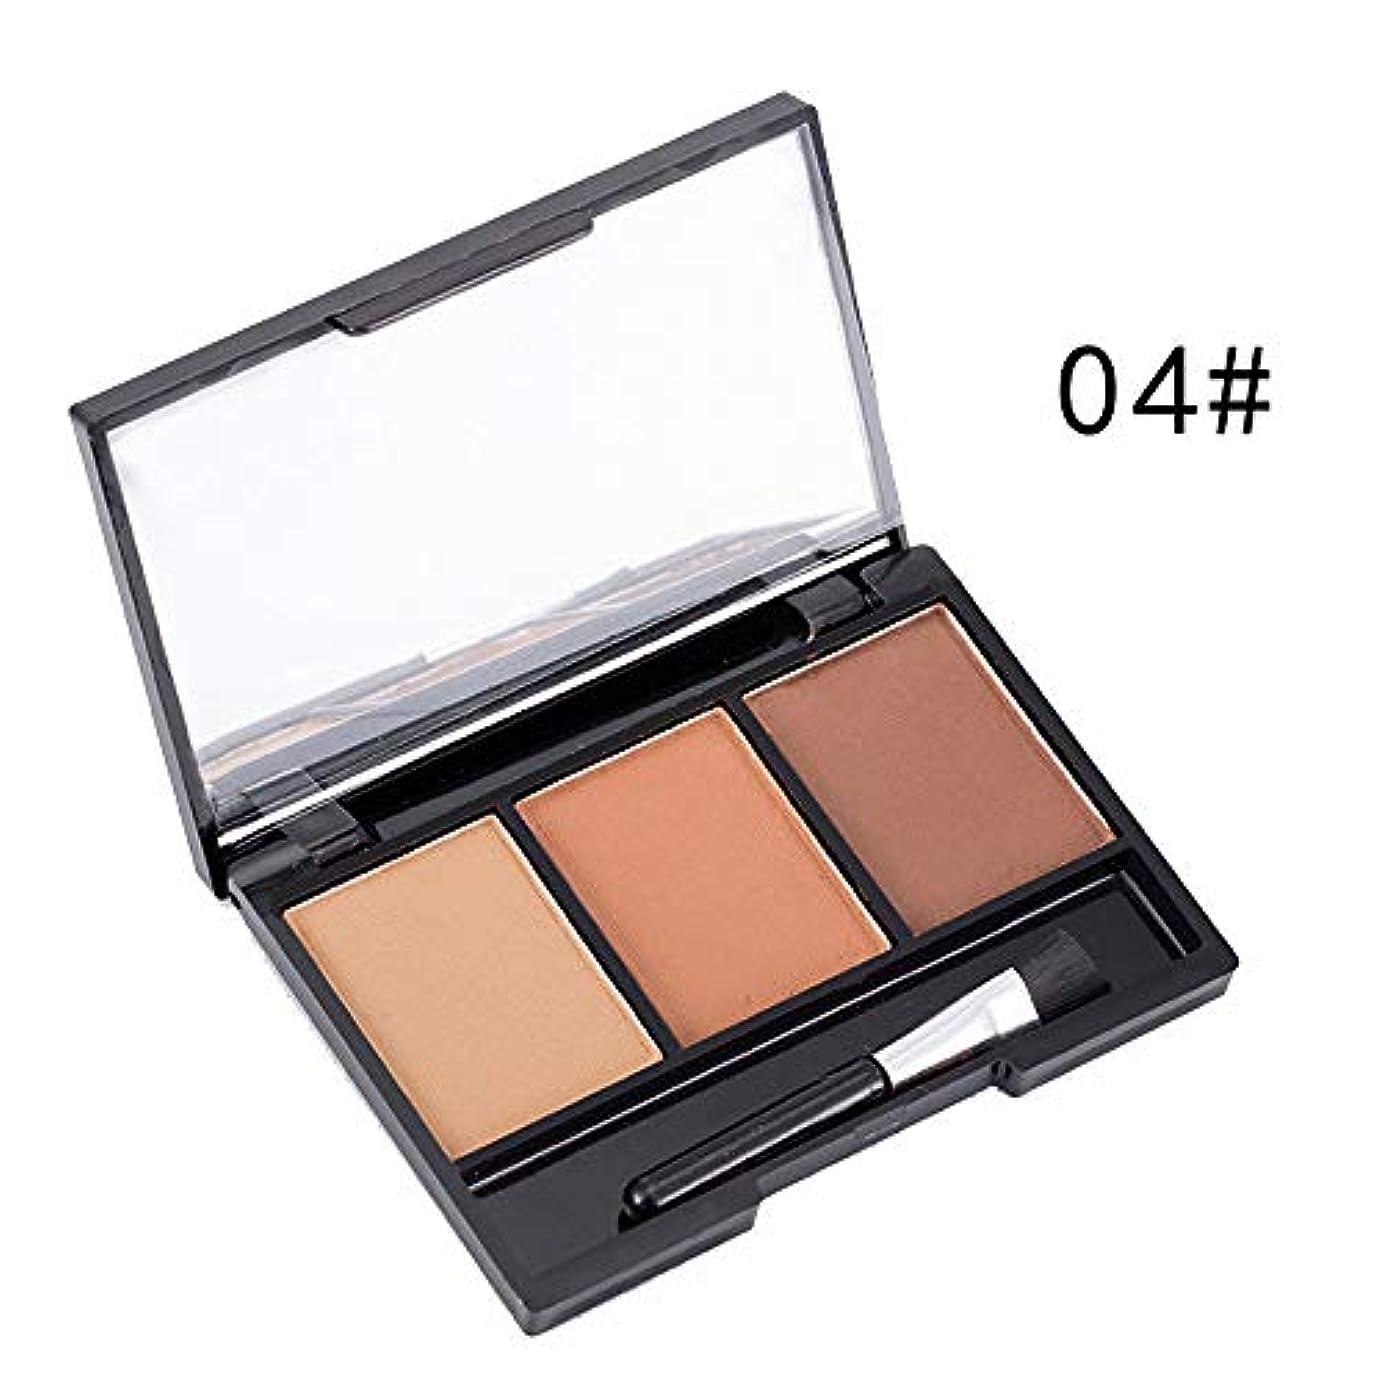 即席不幸セットアップAkane パウダーアイブロウパレット SR MAKE UP 綺麗 人気 ファッション 魅力的 眉 自然 パウダーアイブロウ ぼかしない チャーム 防水 長持ち おしゃれ 持ち便利 Eye Shadow (3色) ES021